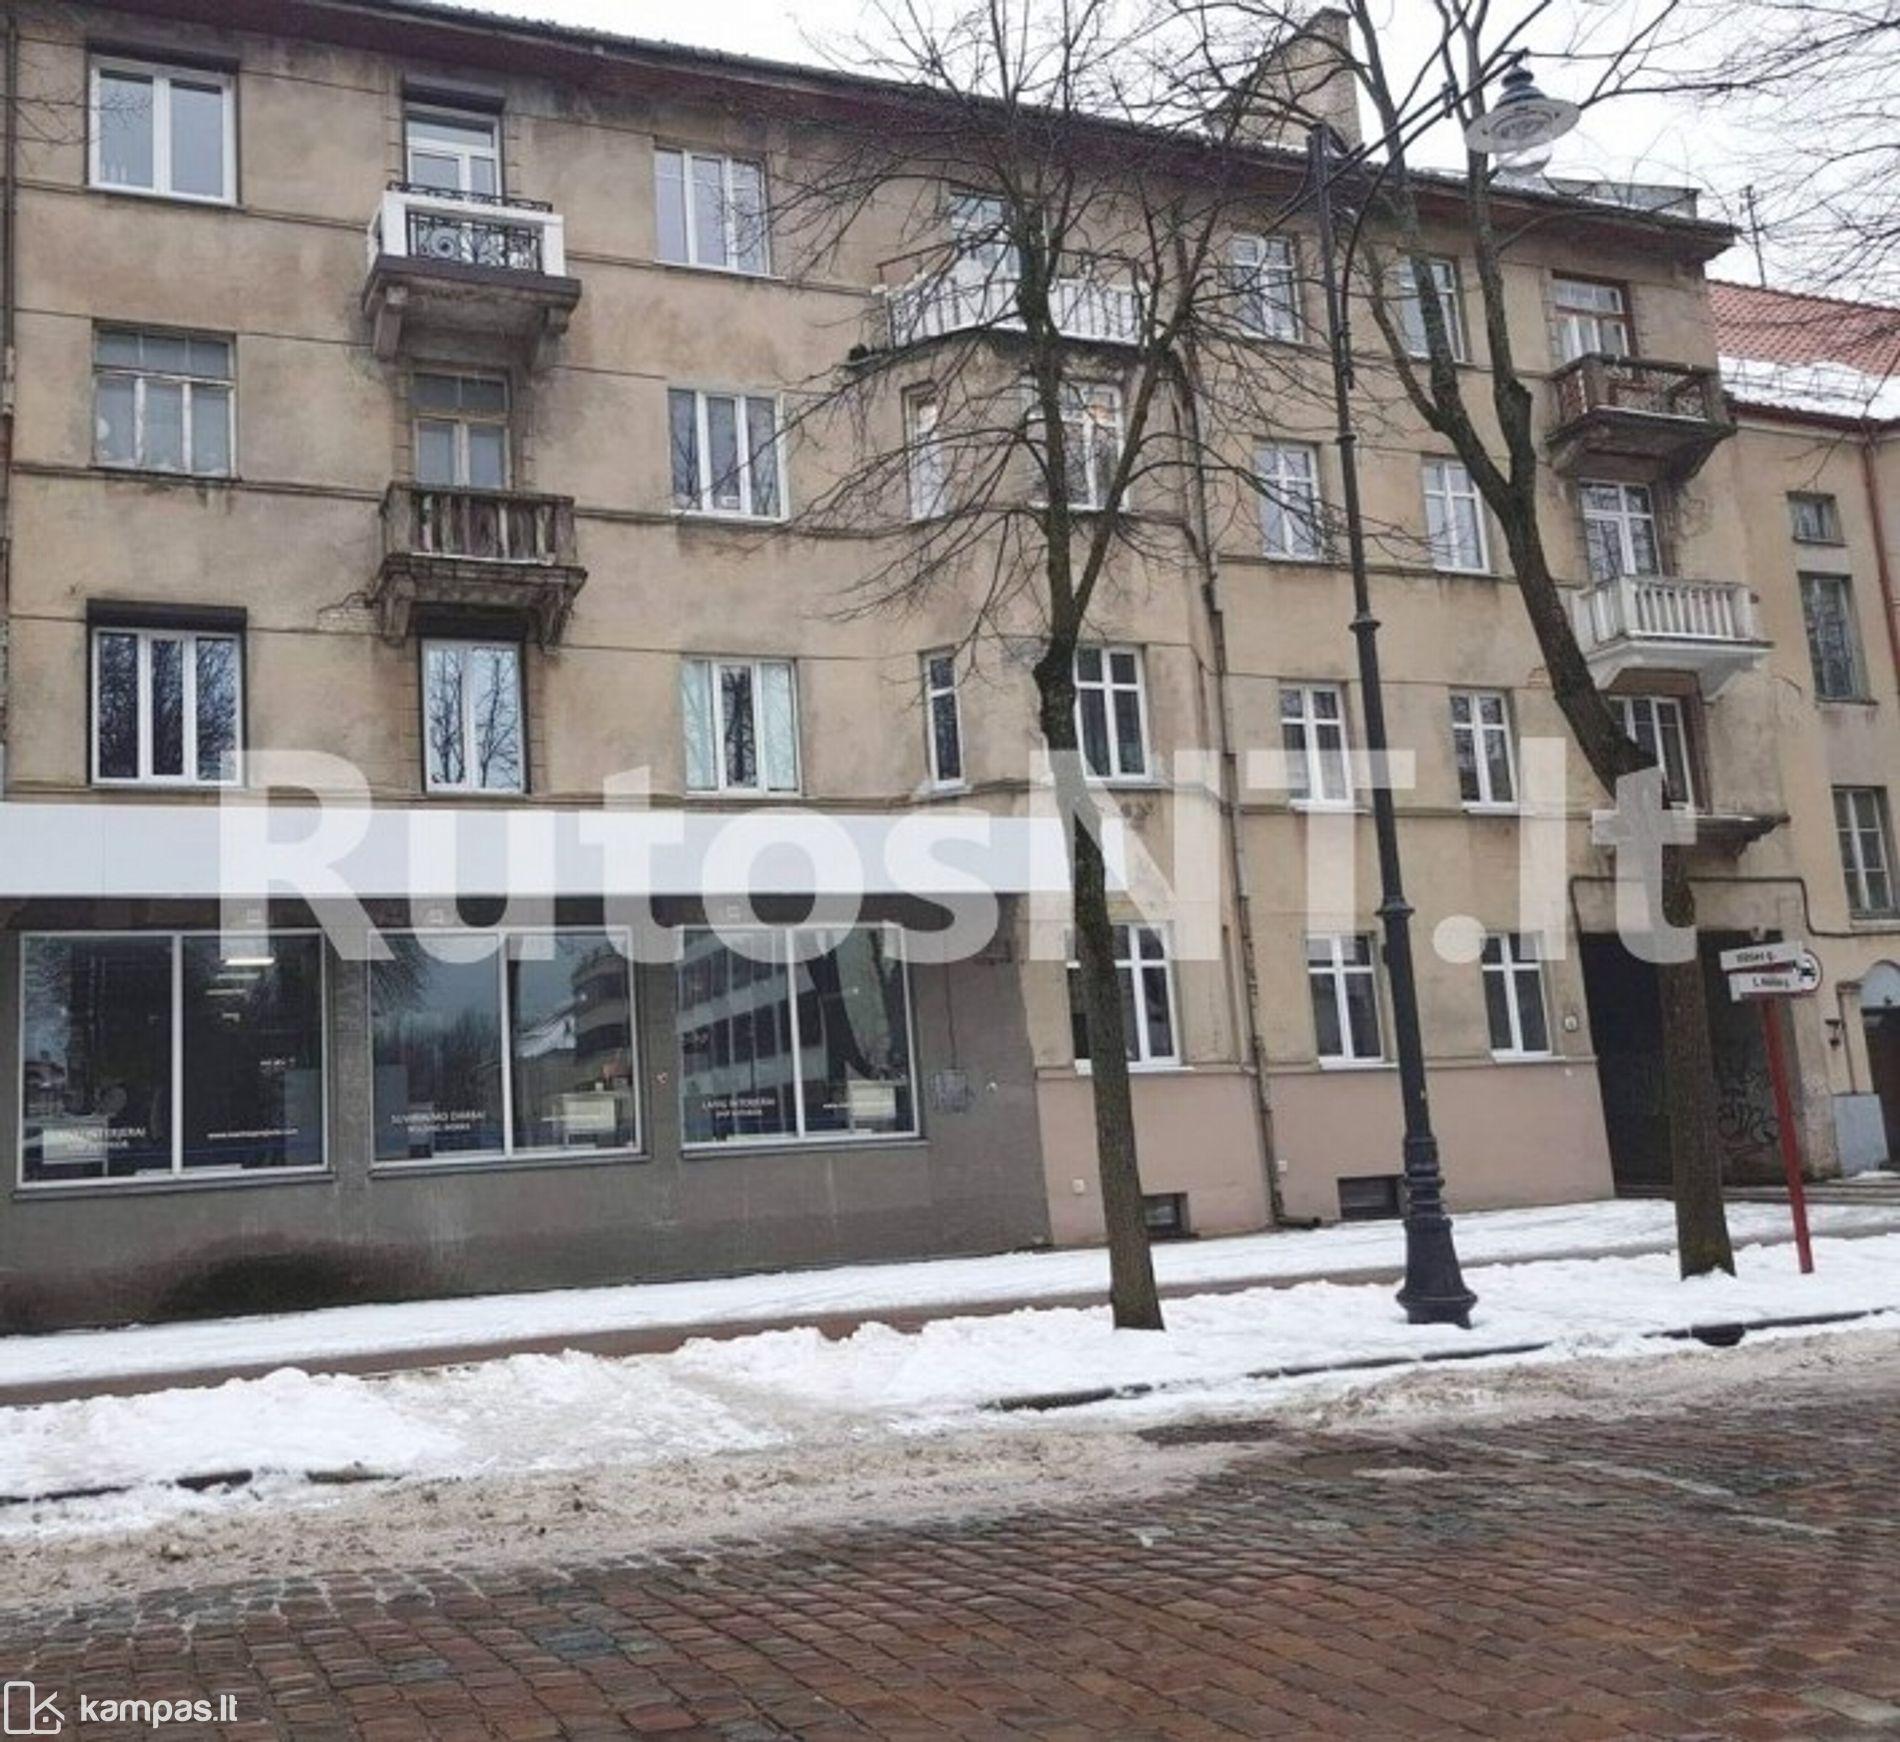 photo No.7 Klaipėda, Centras, S. Nėries g.